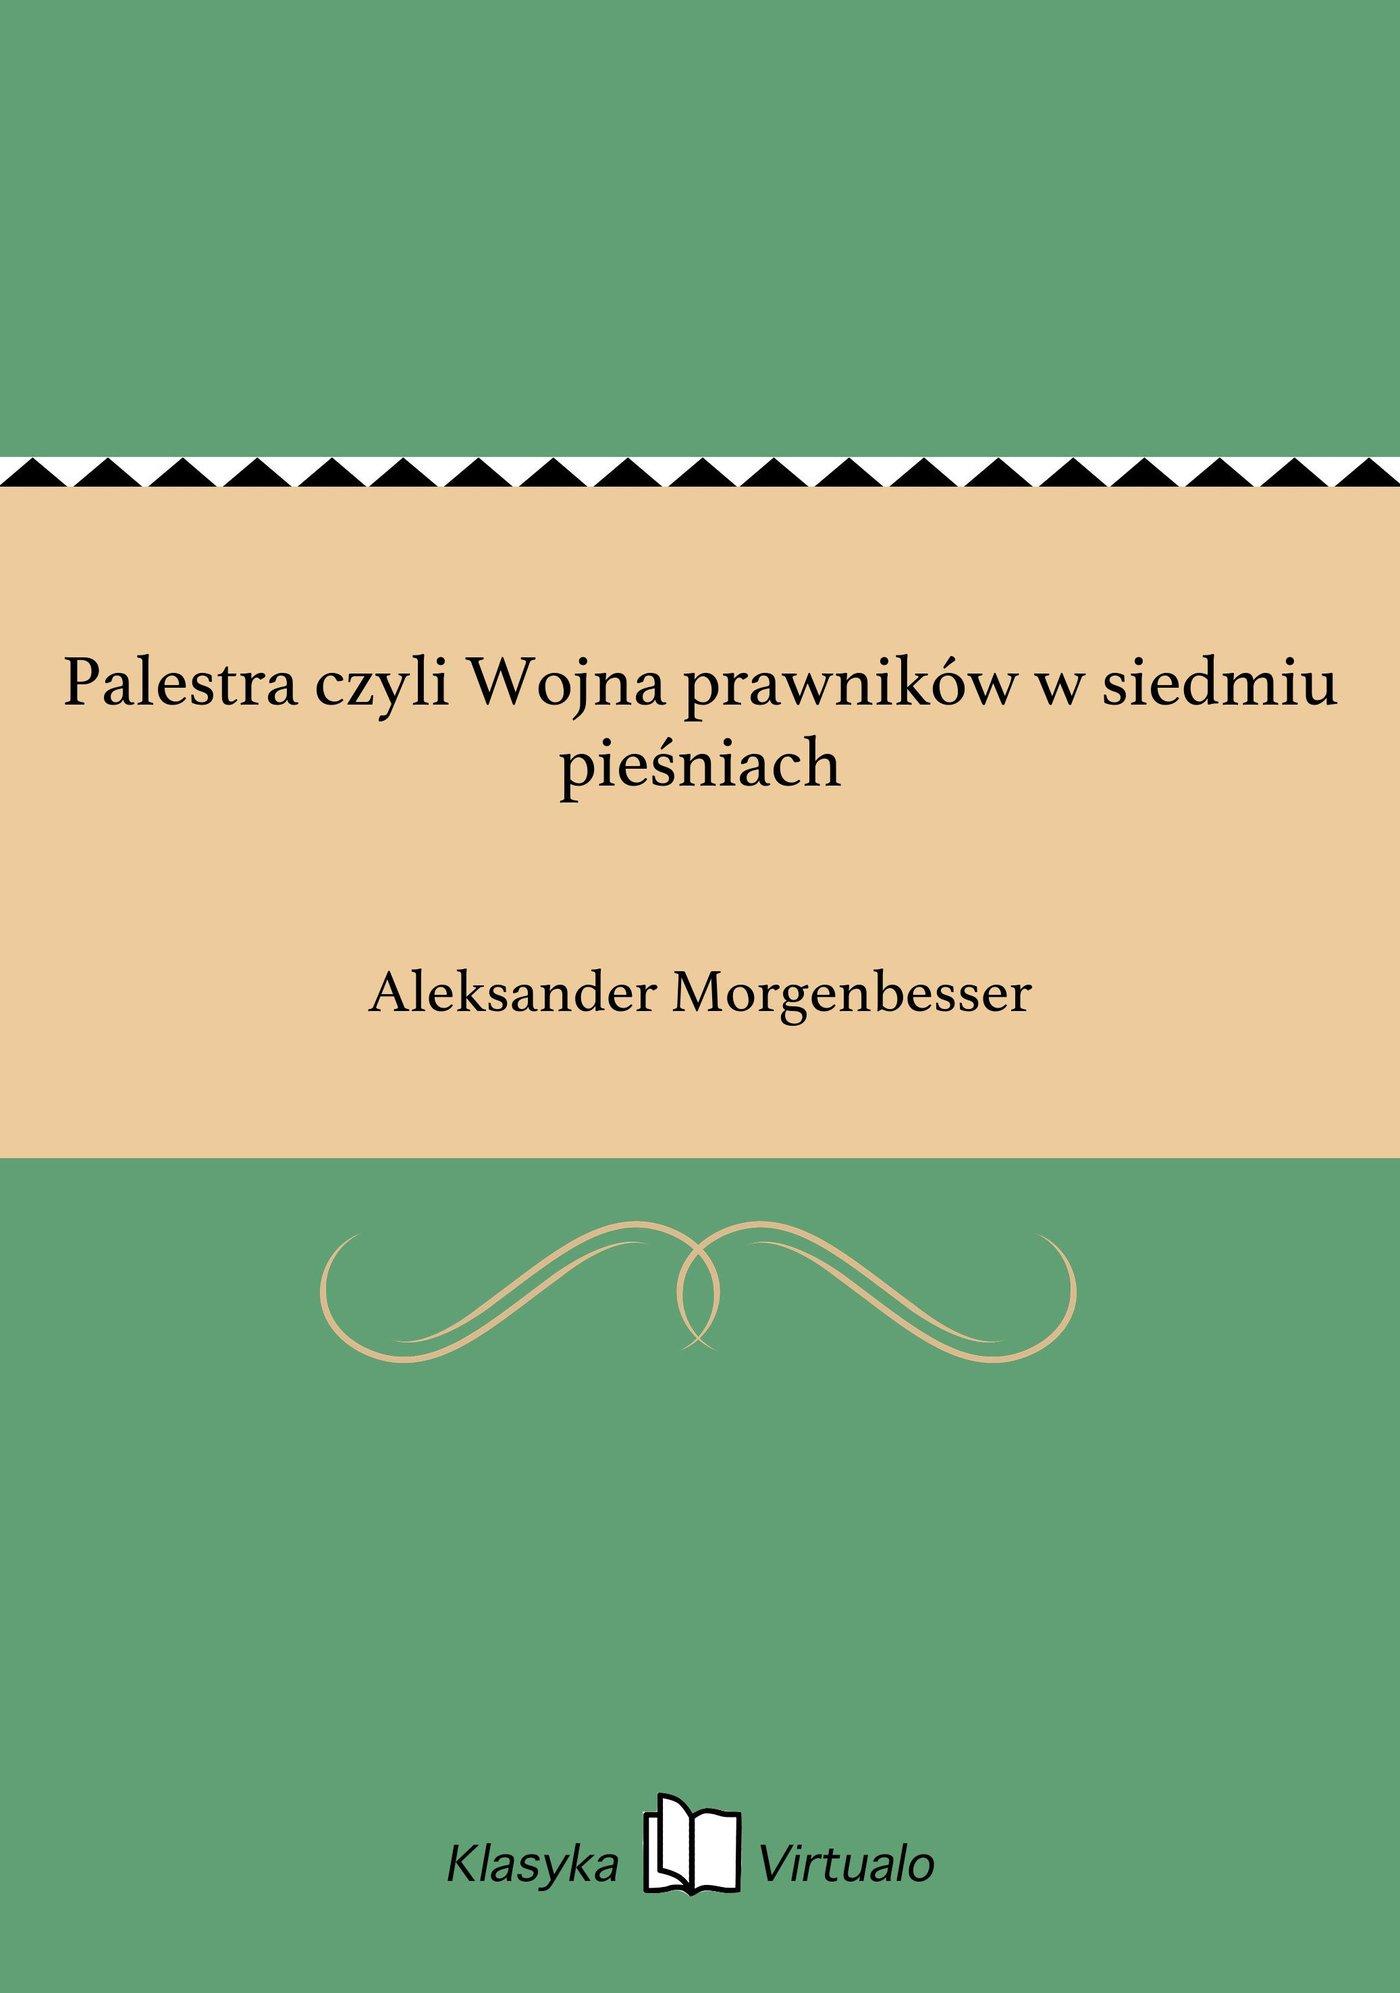 Palestra czyli Wojna prawników w siedmiu pieśniach - Ebook (Książka EPUB) do pobrania w formacie EPUB